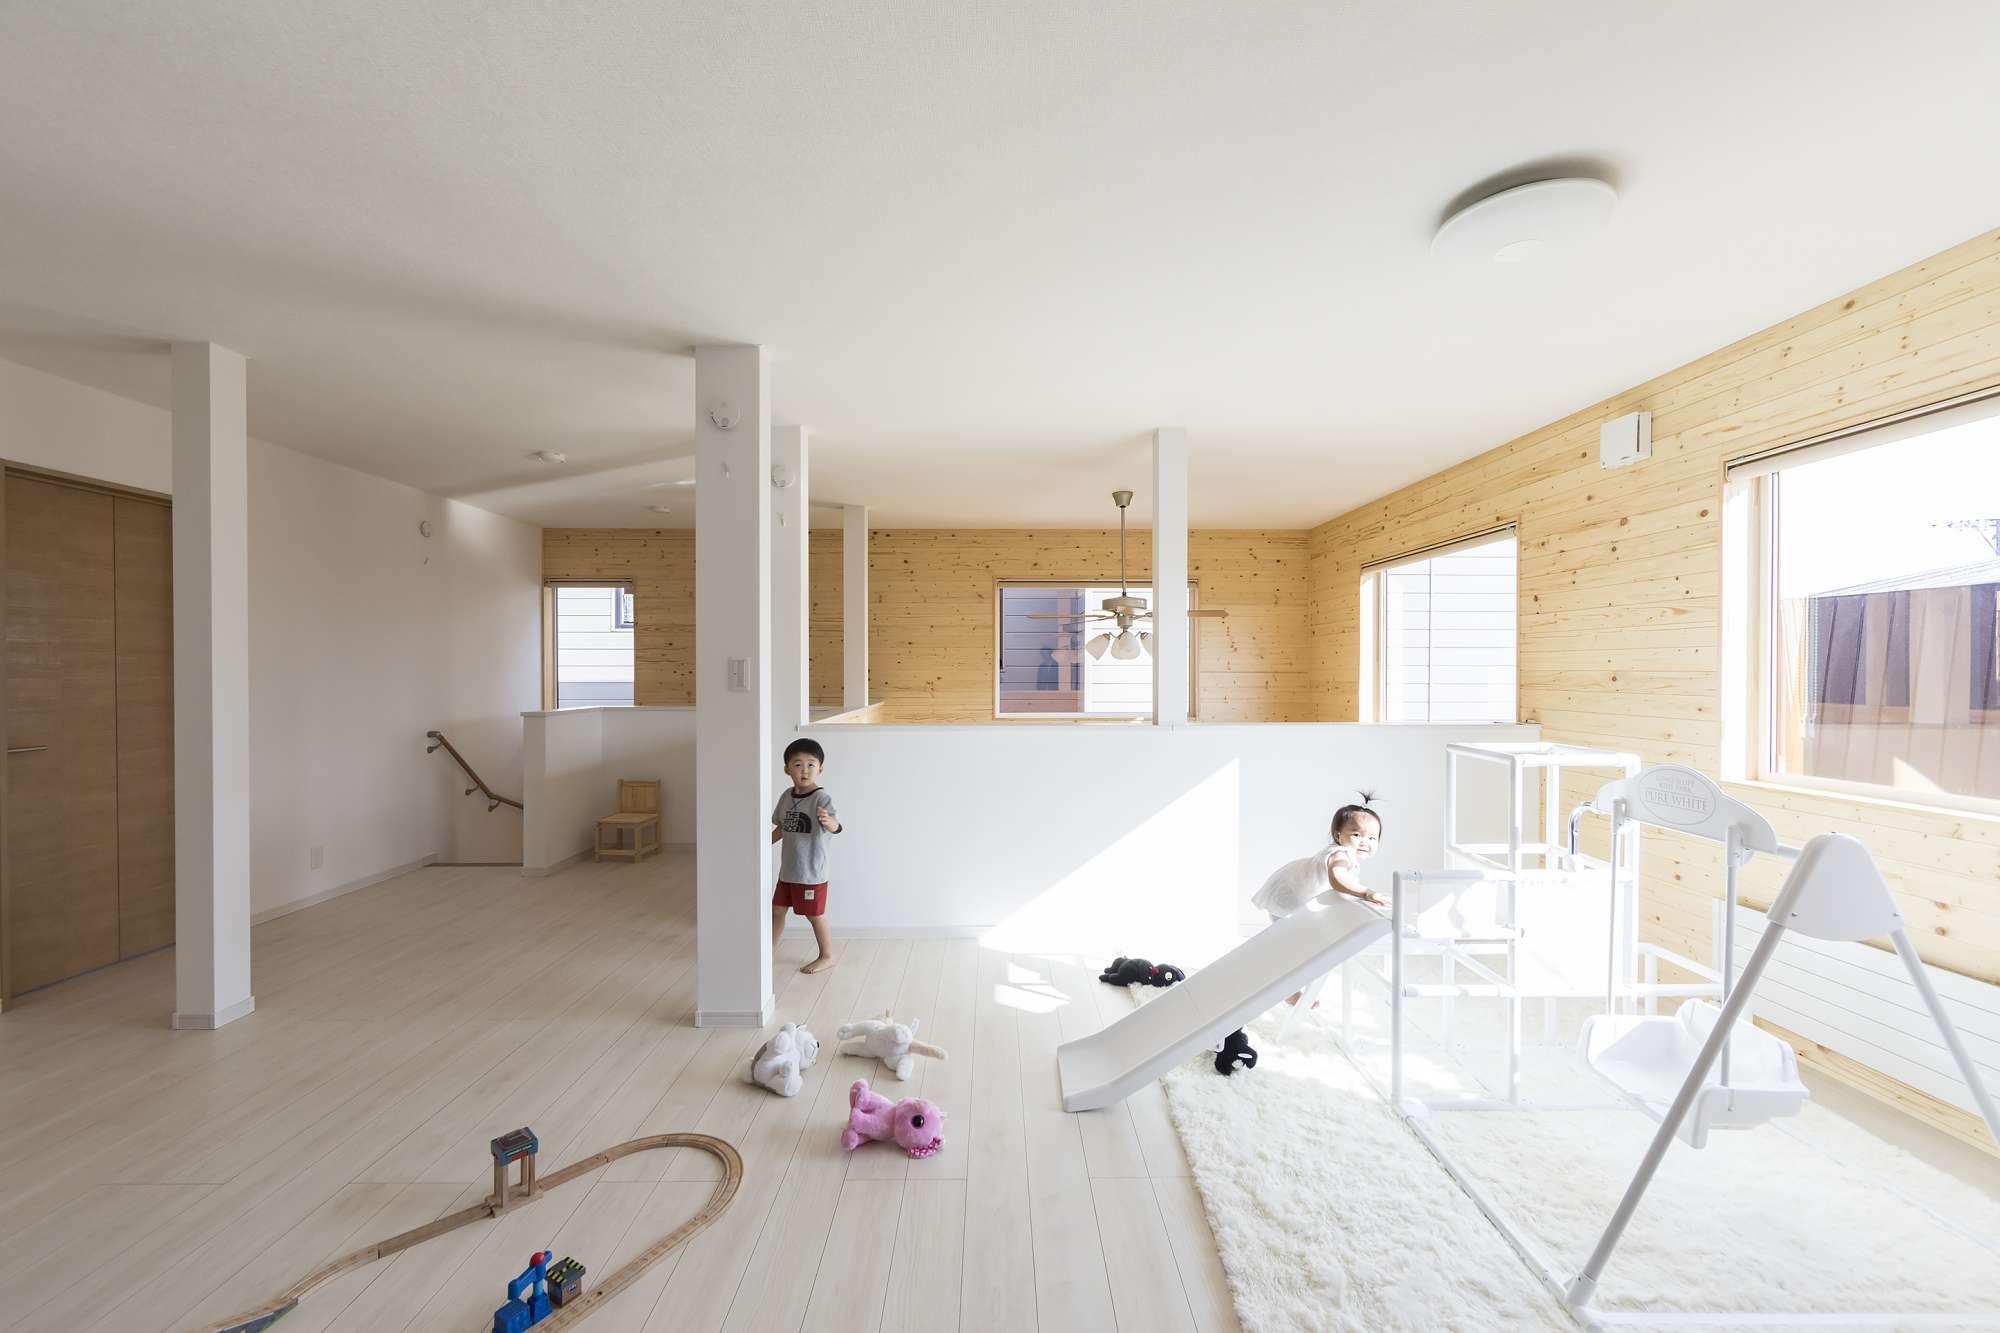 - 室内パークのように遊具やマットを追加して、協力しながらお片づけも育めます。成長に合わせて個室にできるように、クロゼットは2カ所にプラン。 -  -